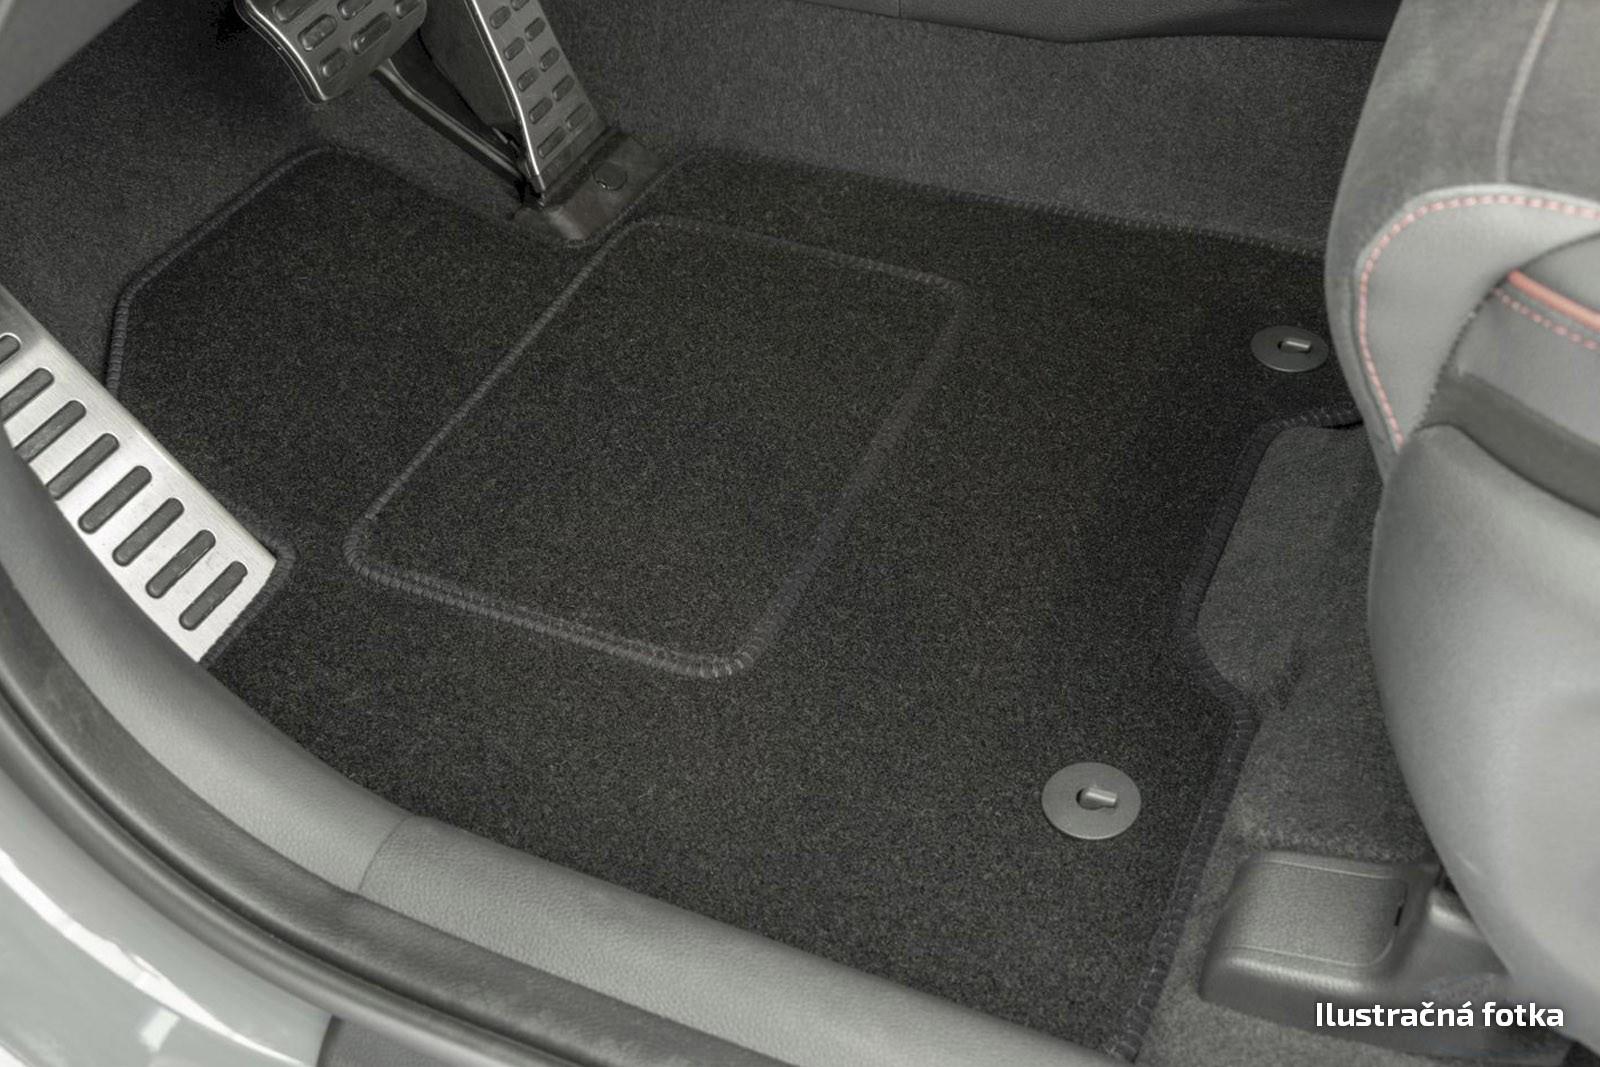 Poza cu Covorase din velur, Volvo V70, 2000-2007